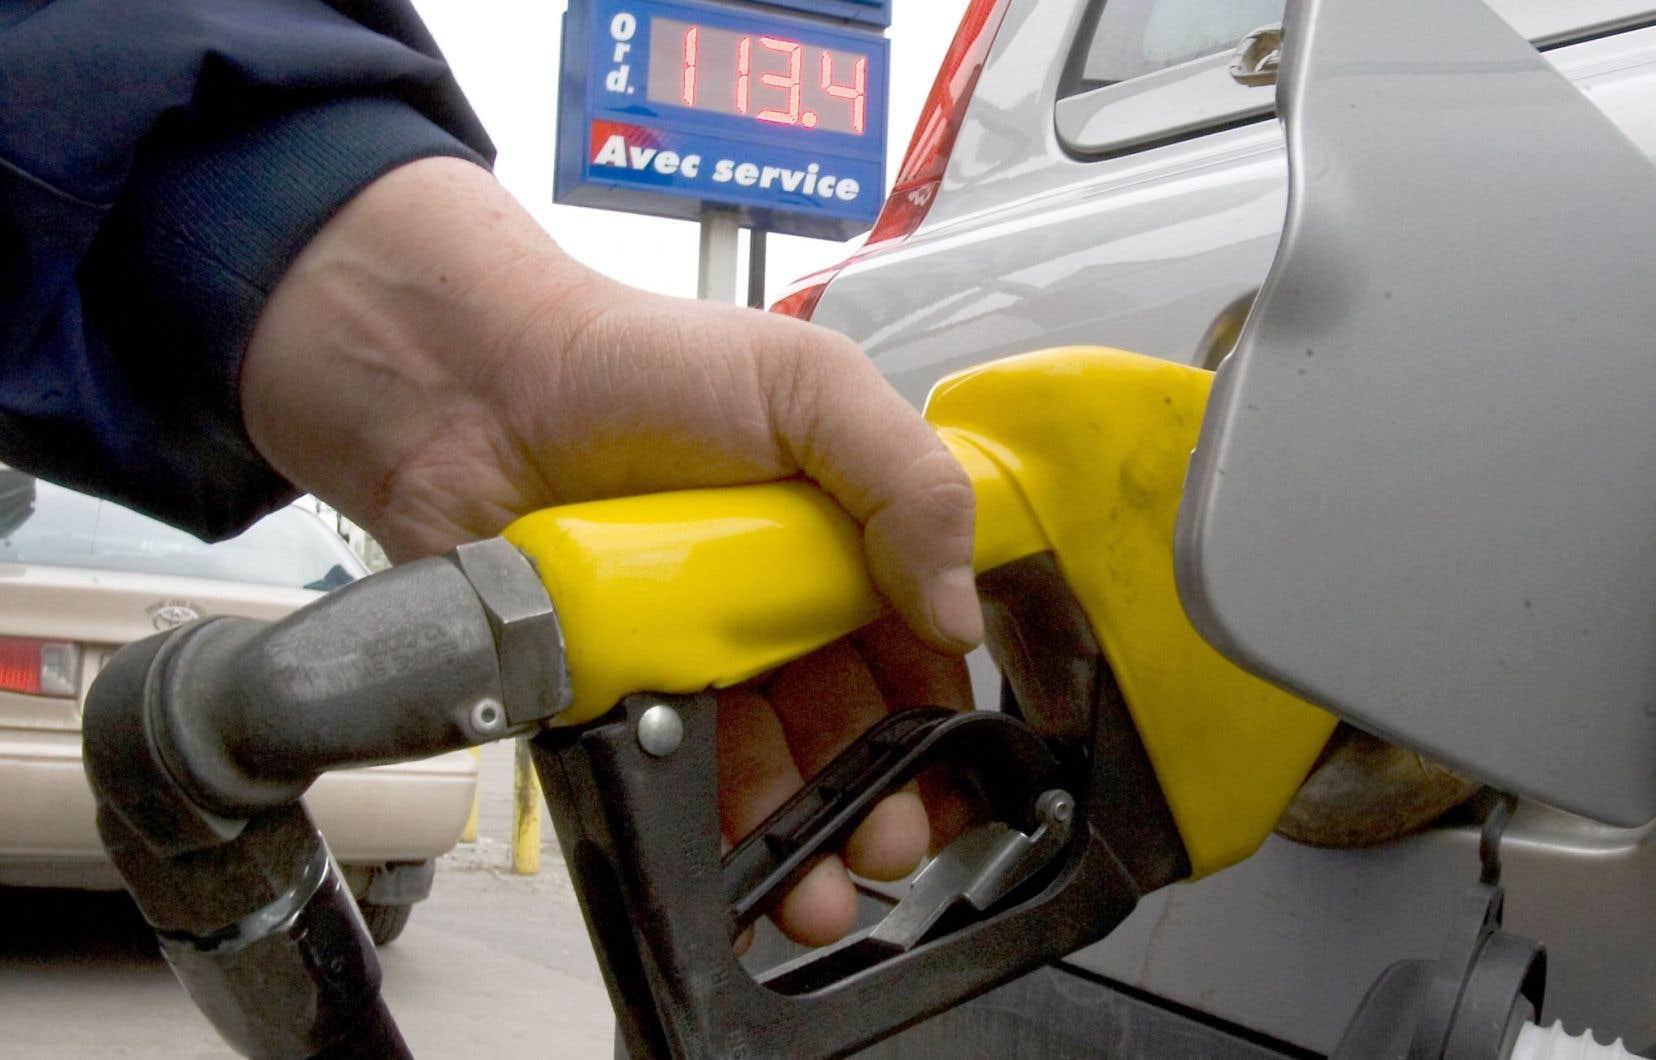 S'il est vrai que les automobilistes ont réalisé des économies avec la chute des prix du pétrole, la diminution n'a pas été égale partout au Québec.